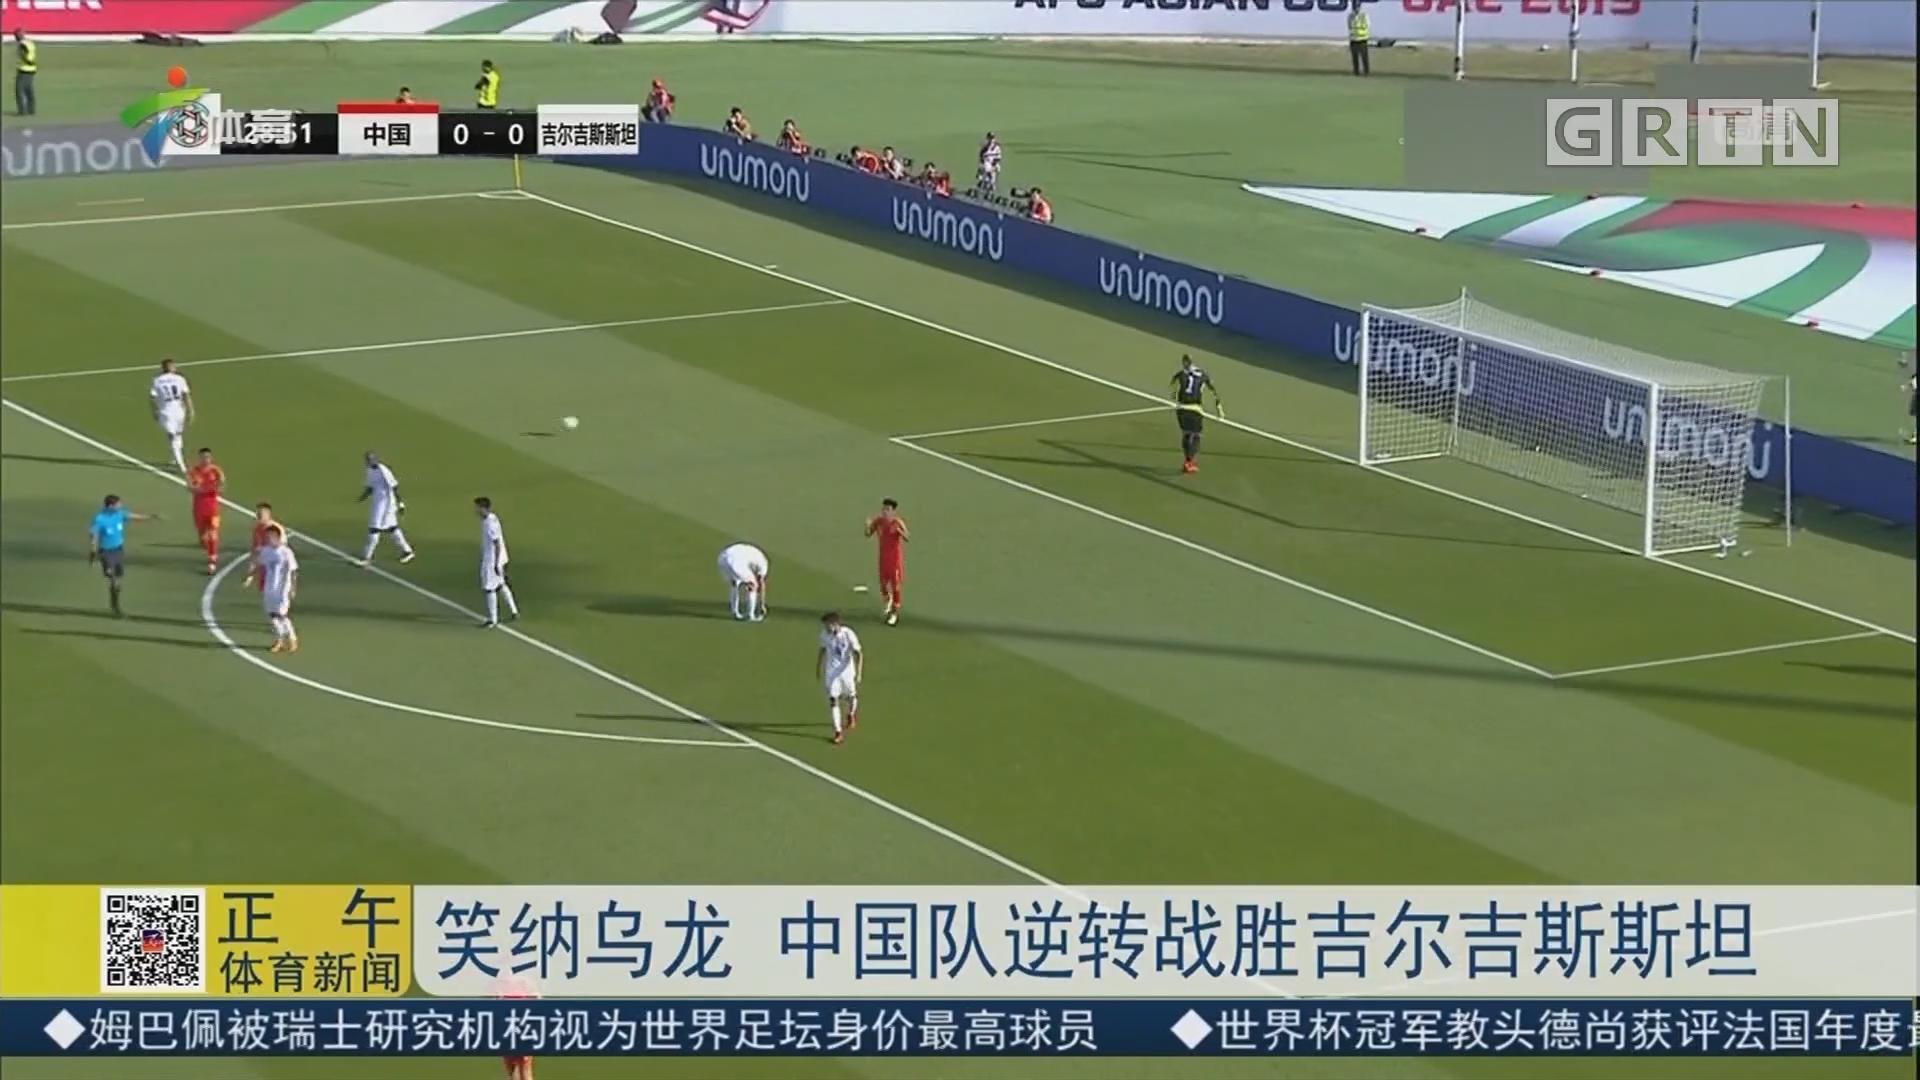 笑纳乌龙 中国队逆转战胜吉尔吉斯斯坦